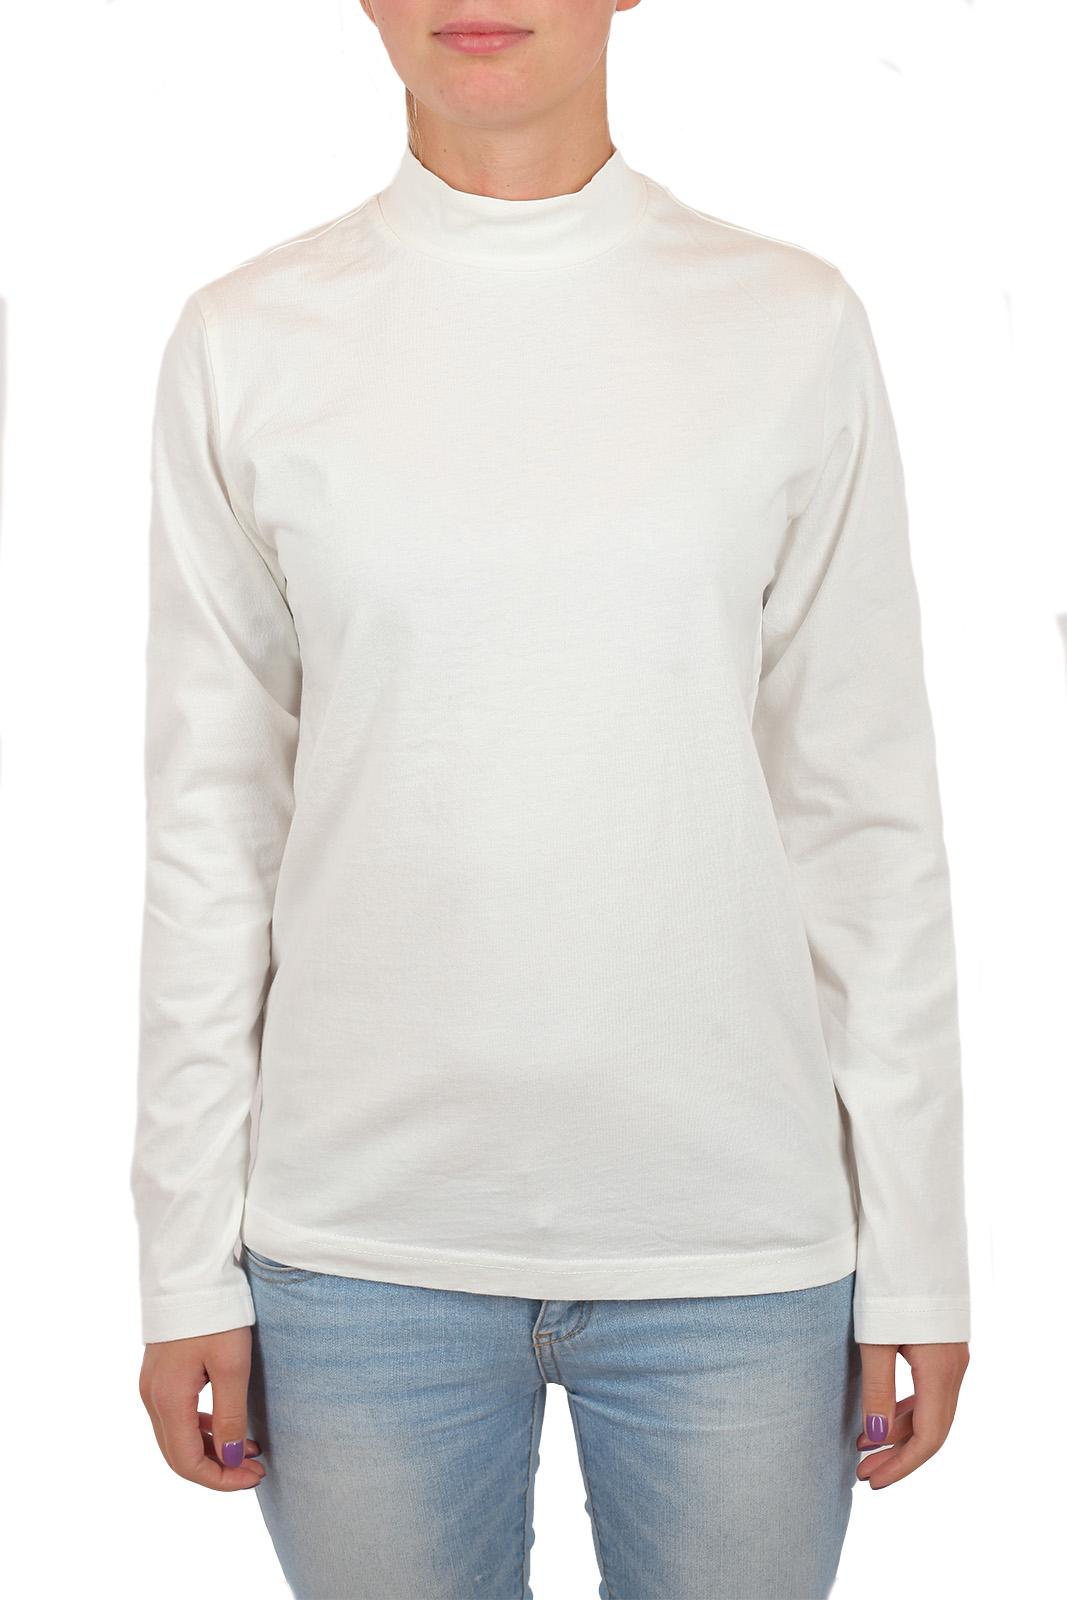 Купить женский белый реглан от ТМ GU